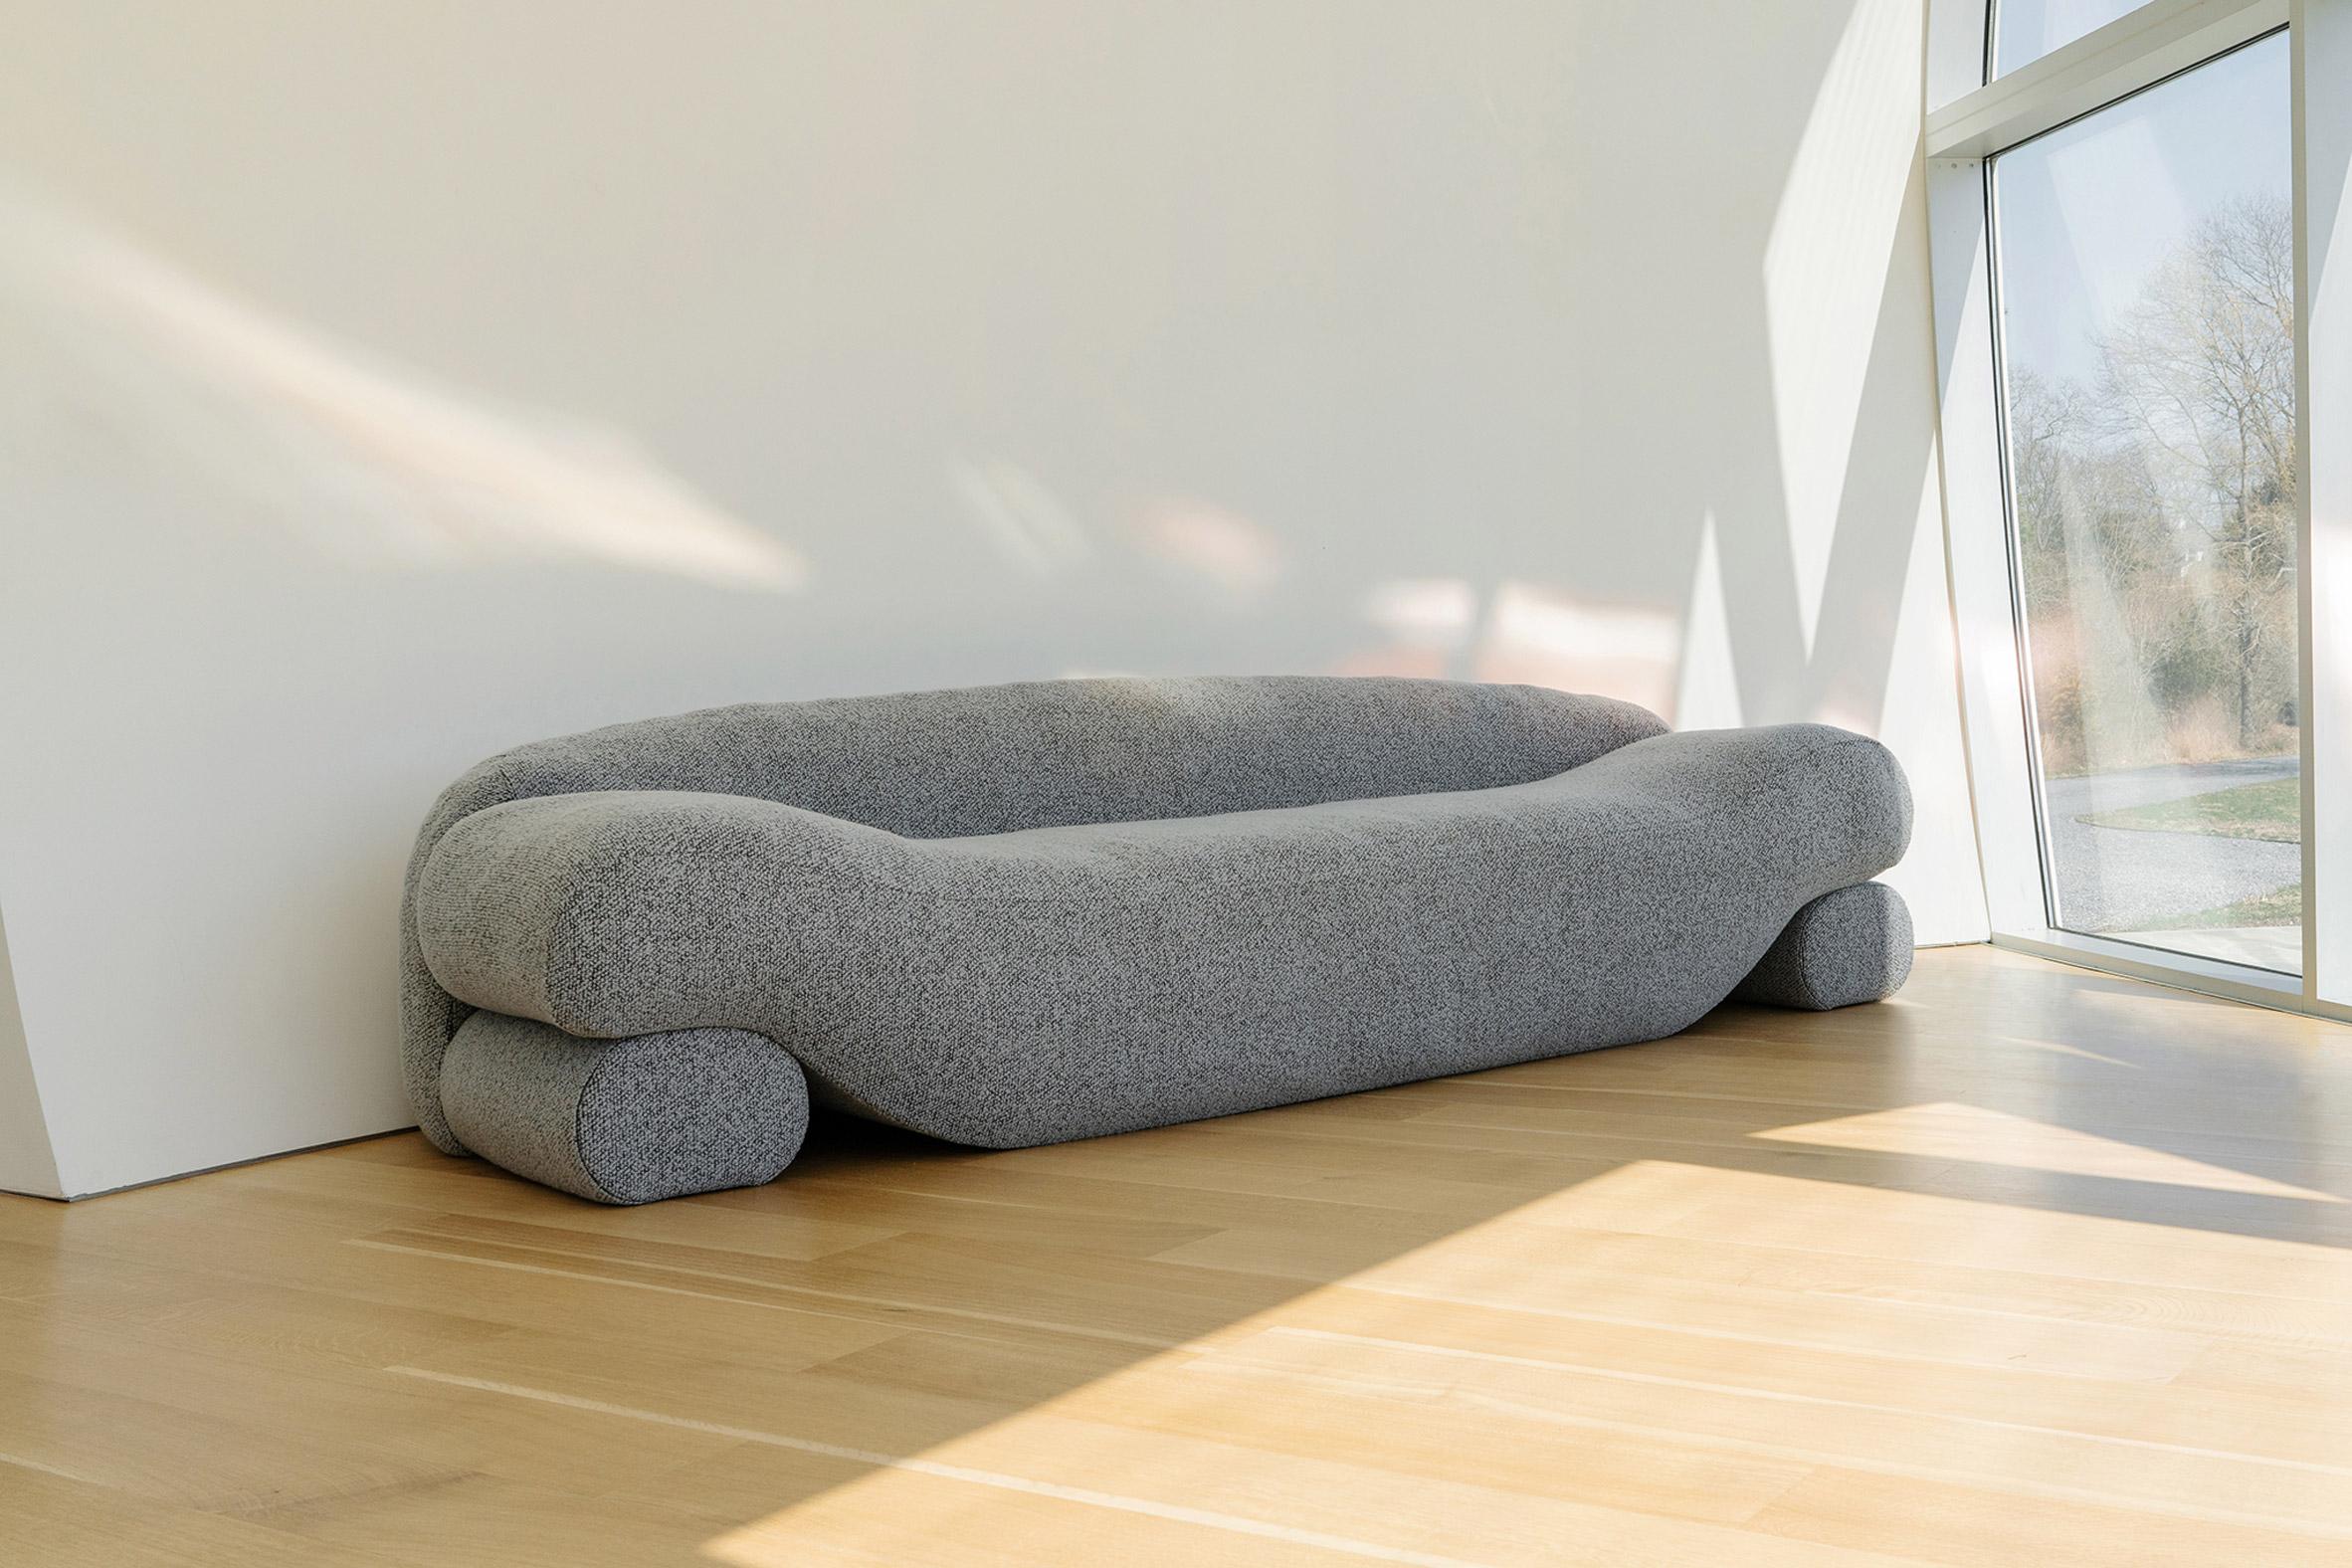 Latex-filled Beanie sofa by Nina Edwards Anker